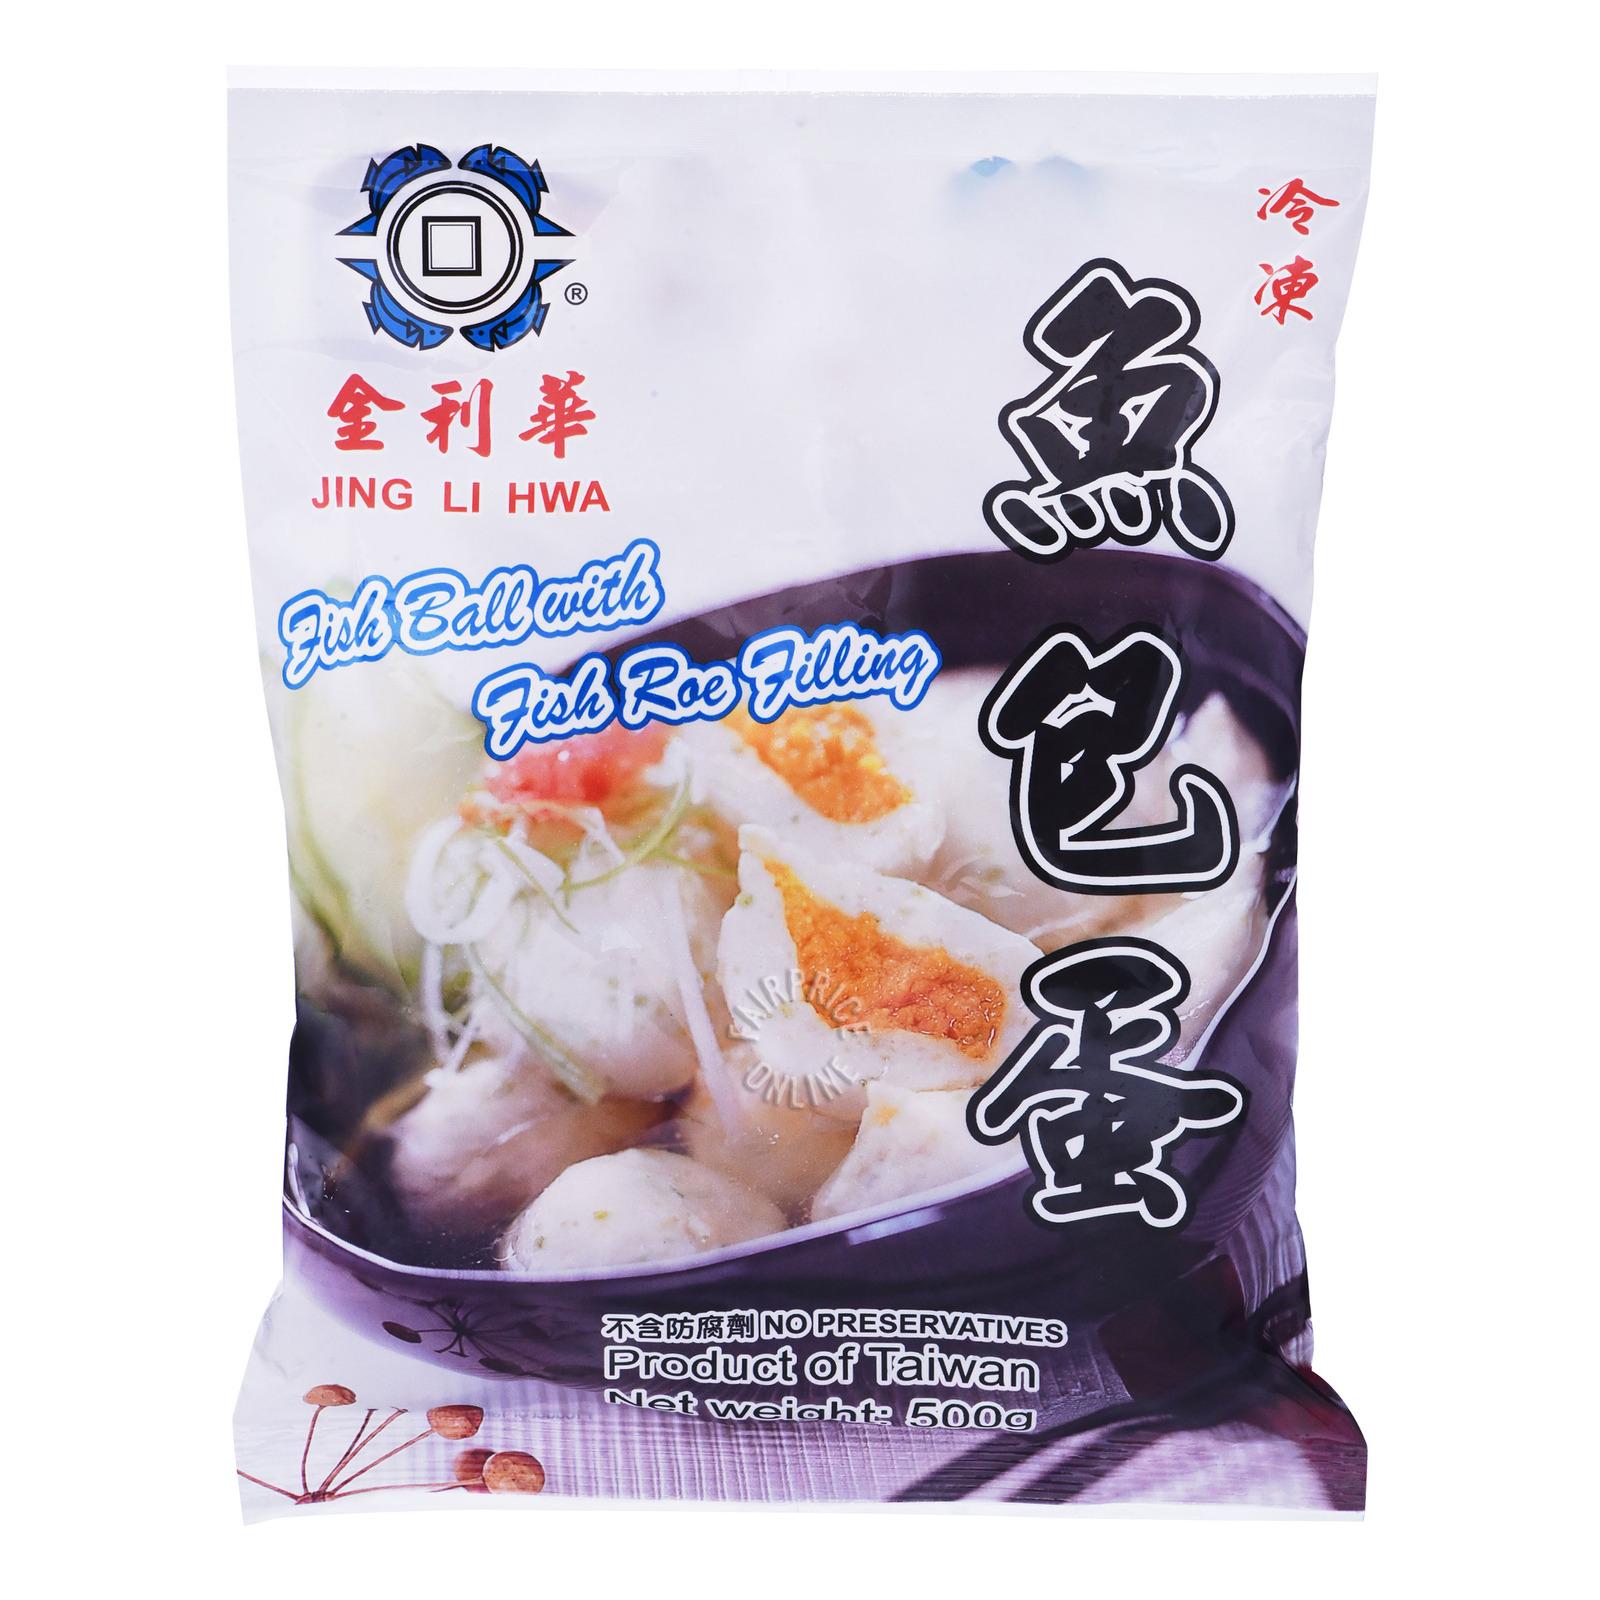 Jing Li Hwa Frozen Fish Ball - Roe